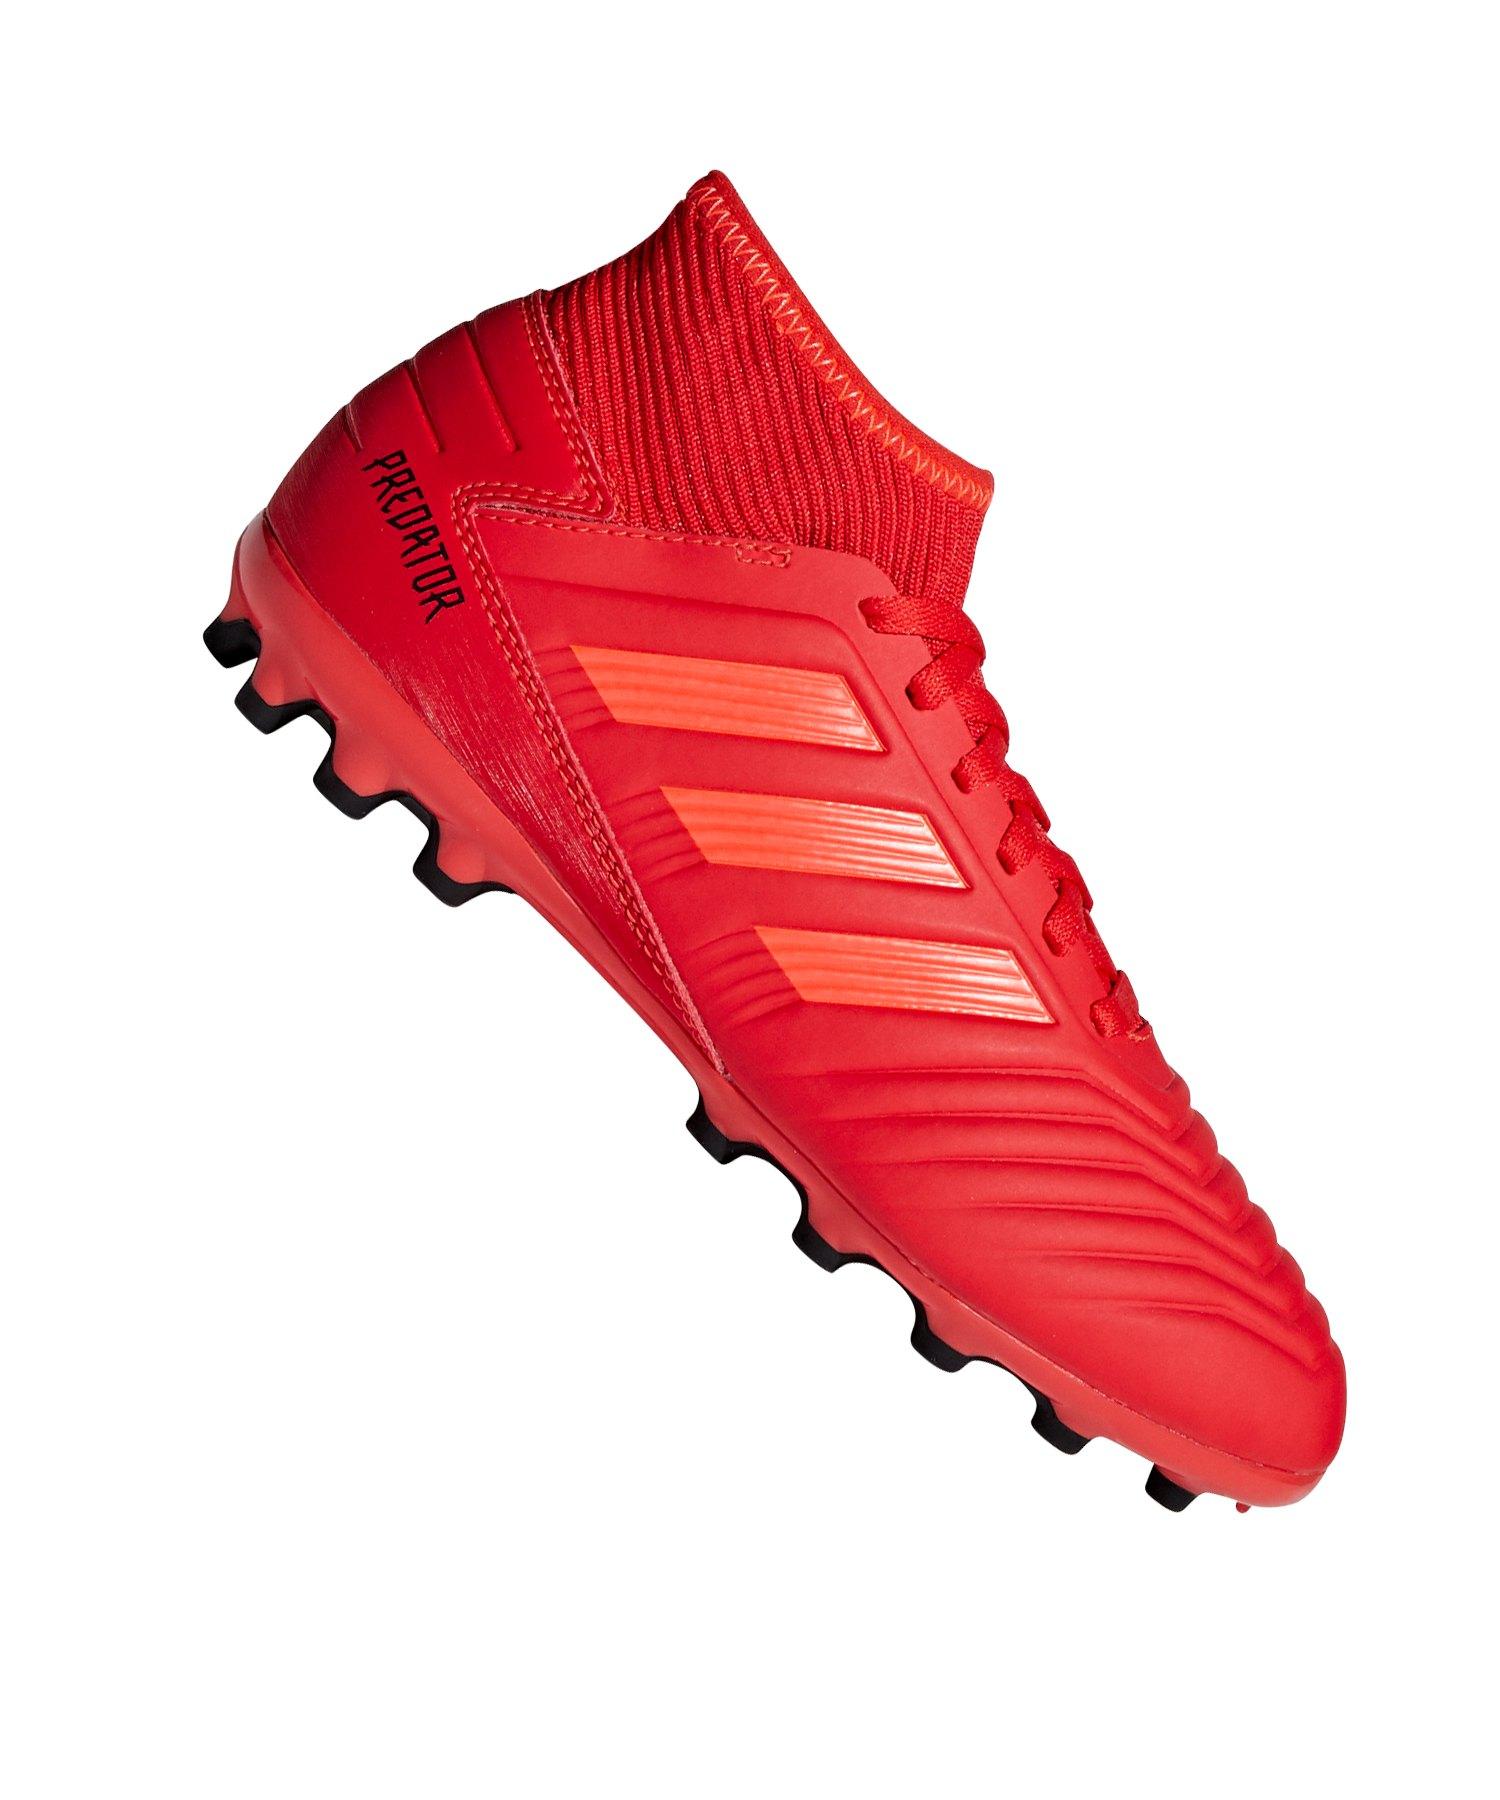 adidas fußballschuhe kinder rot